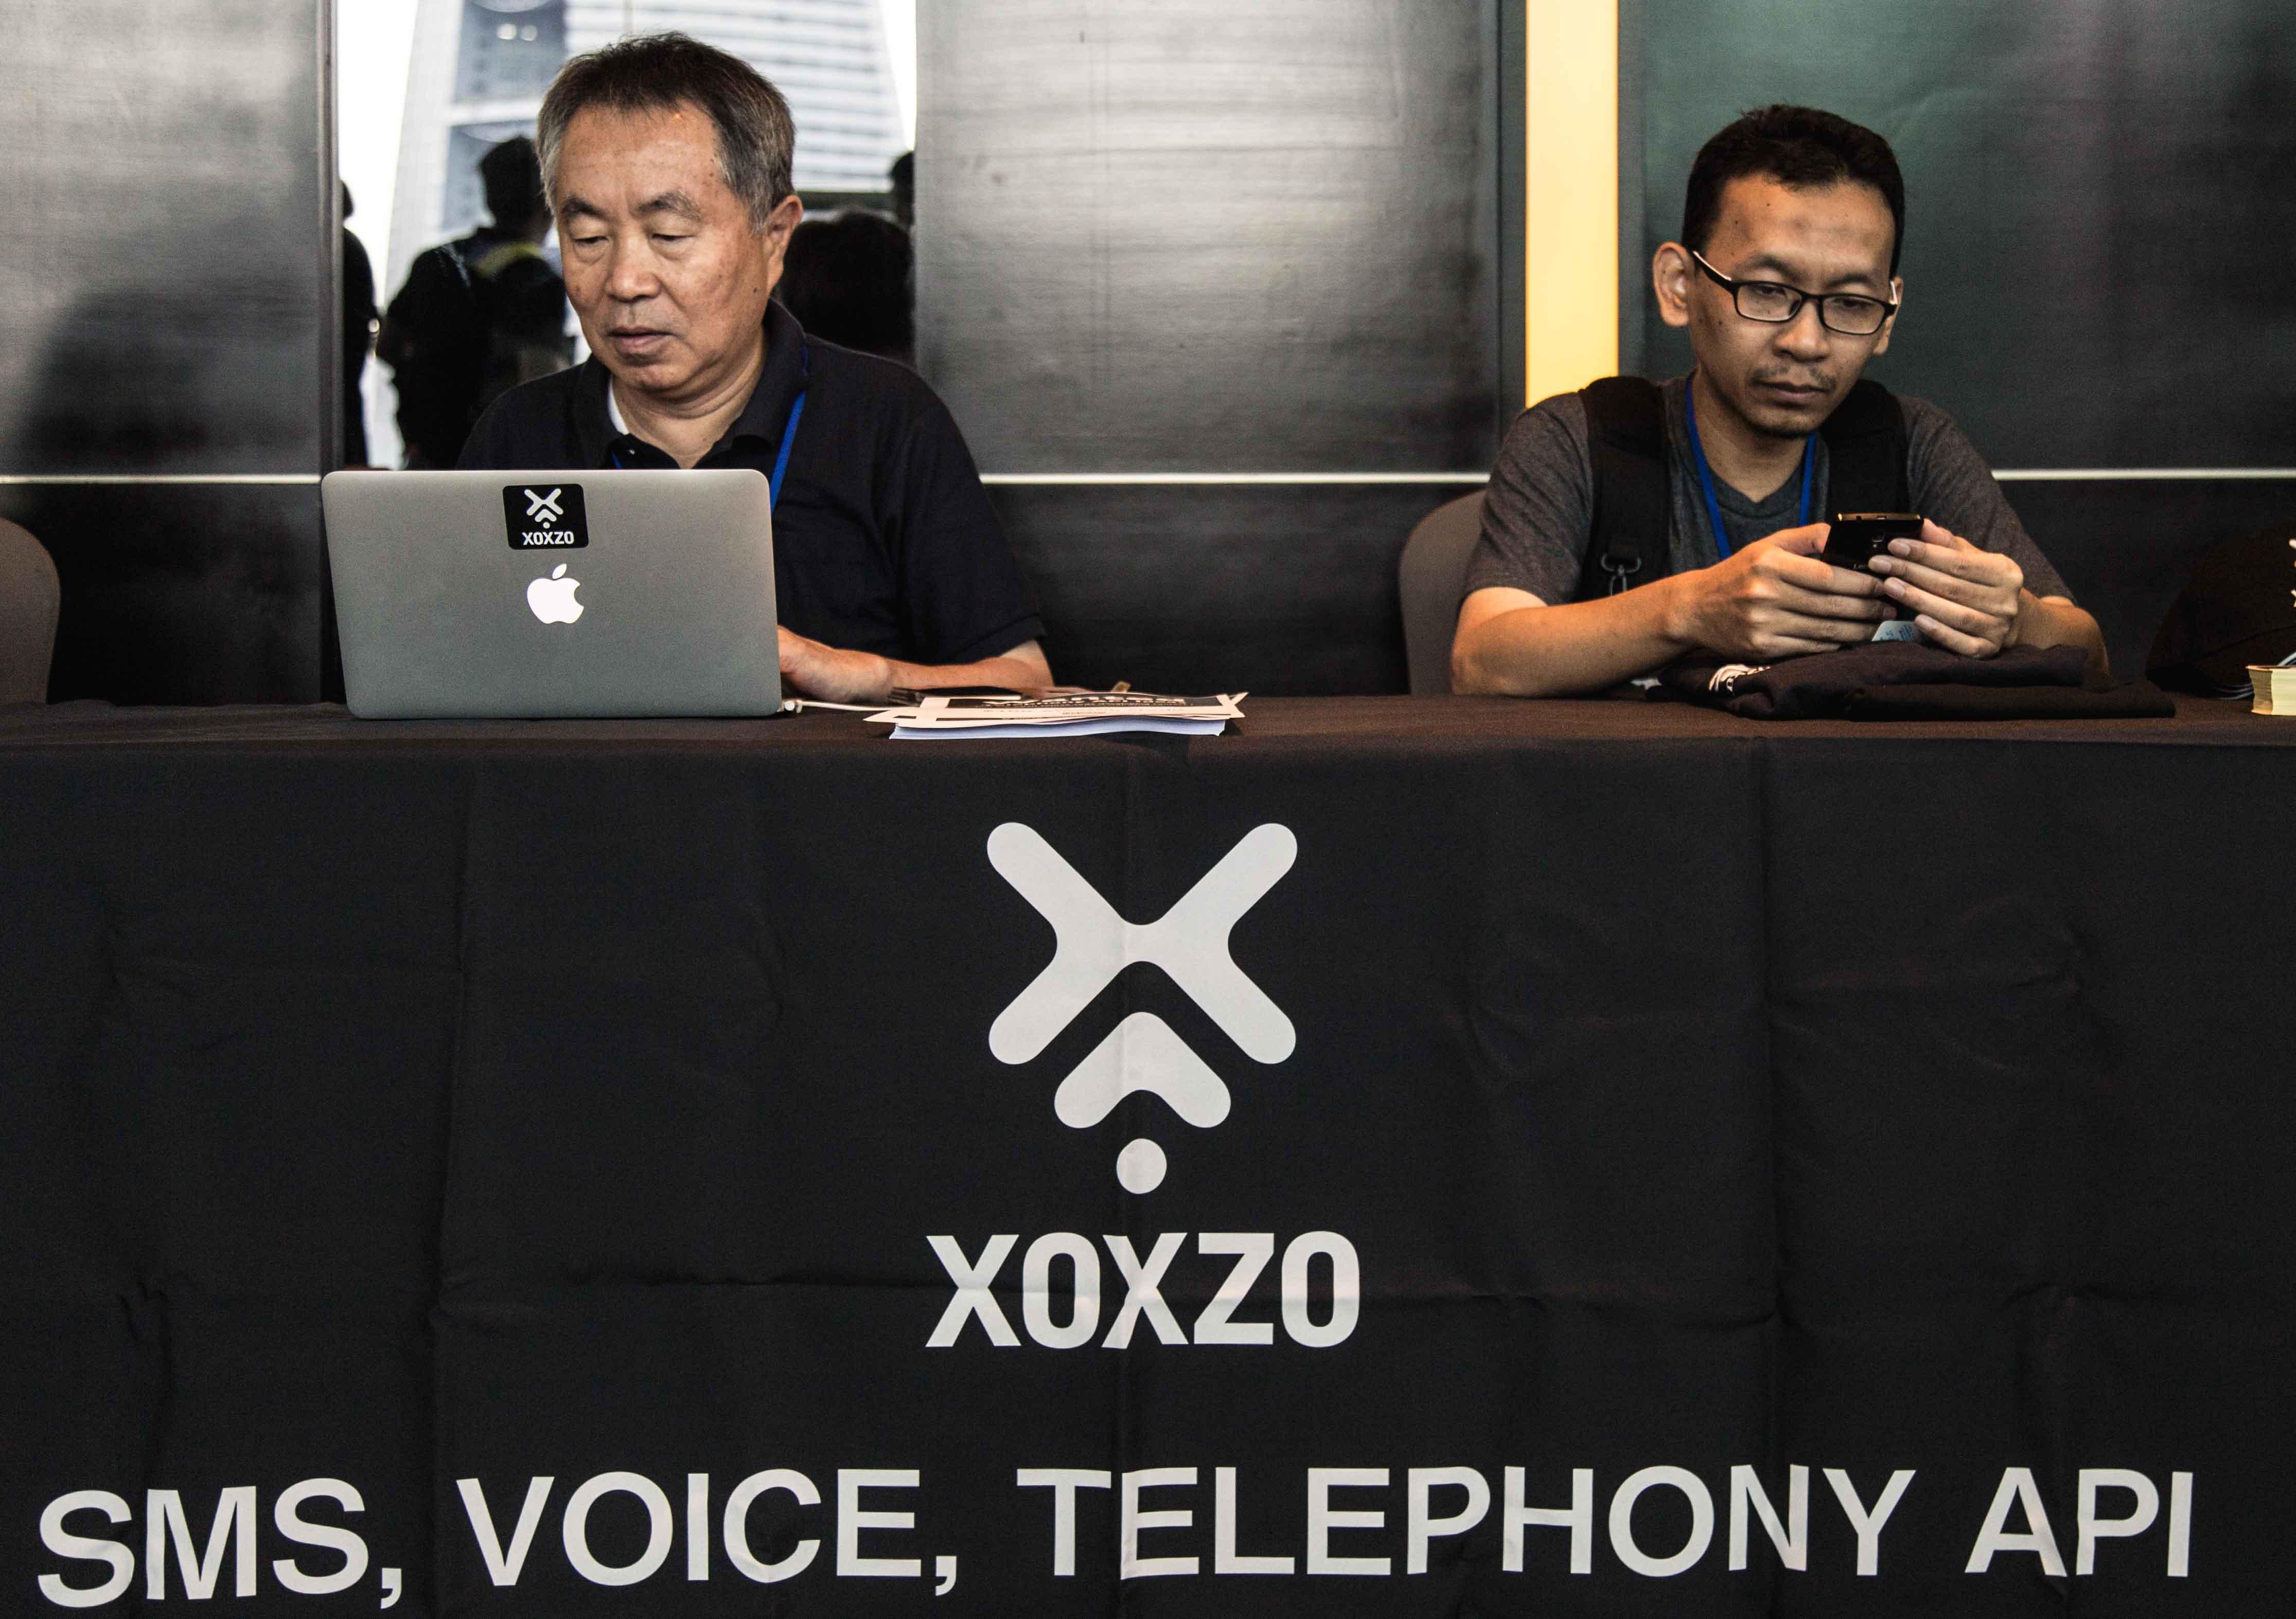 PyCon APAC 2017 XOXZO Booth